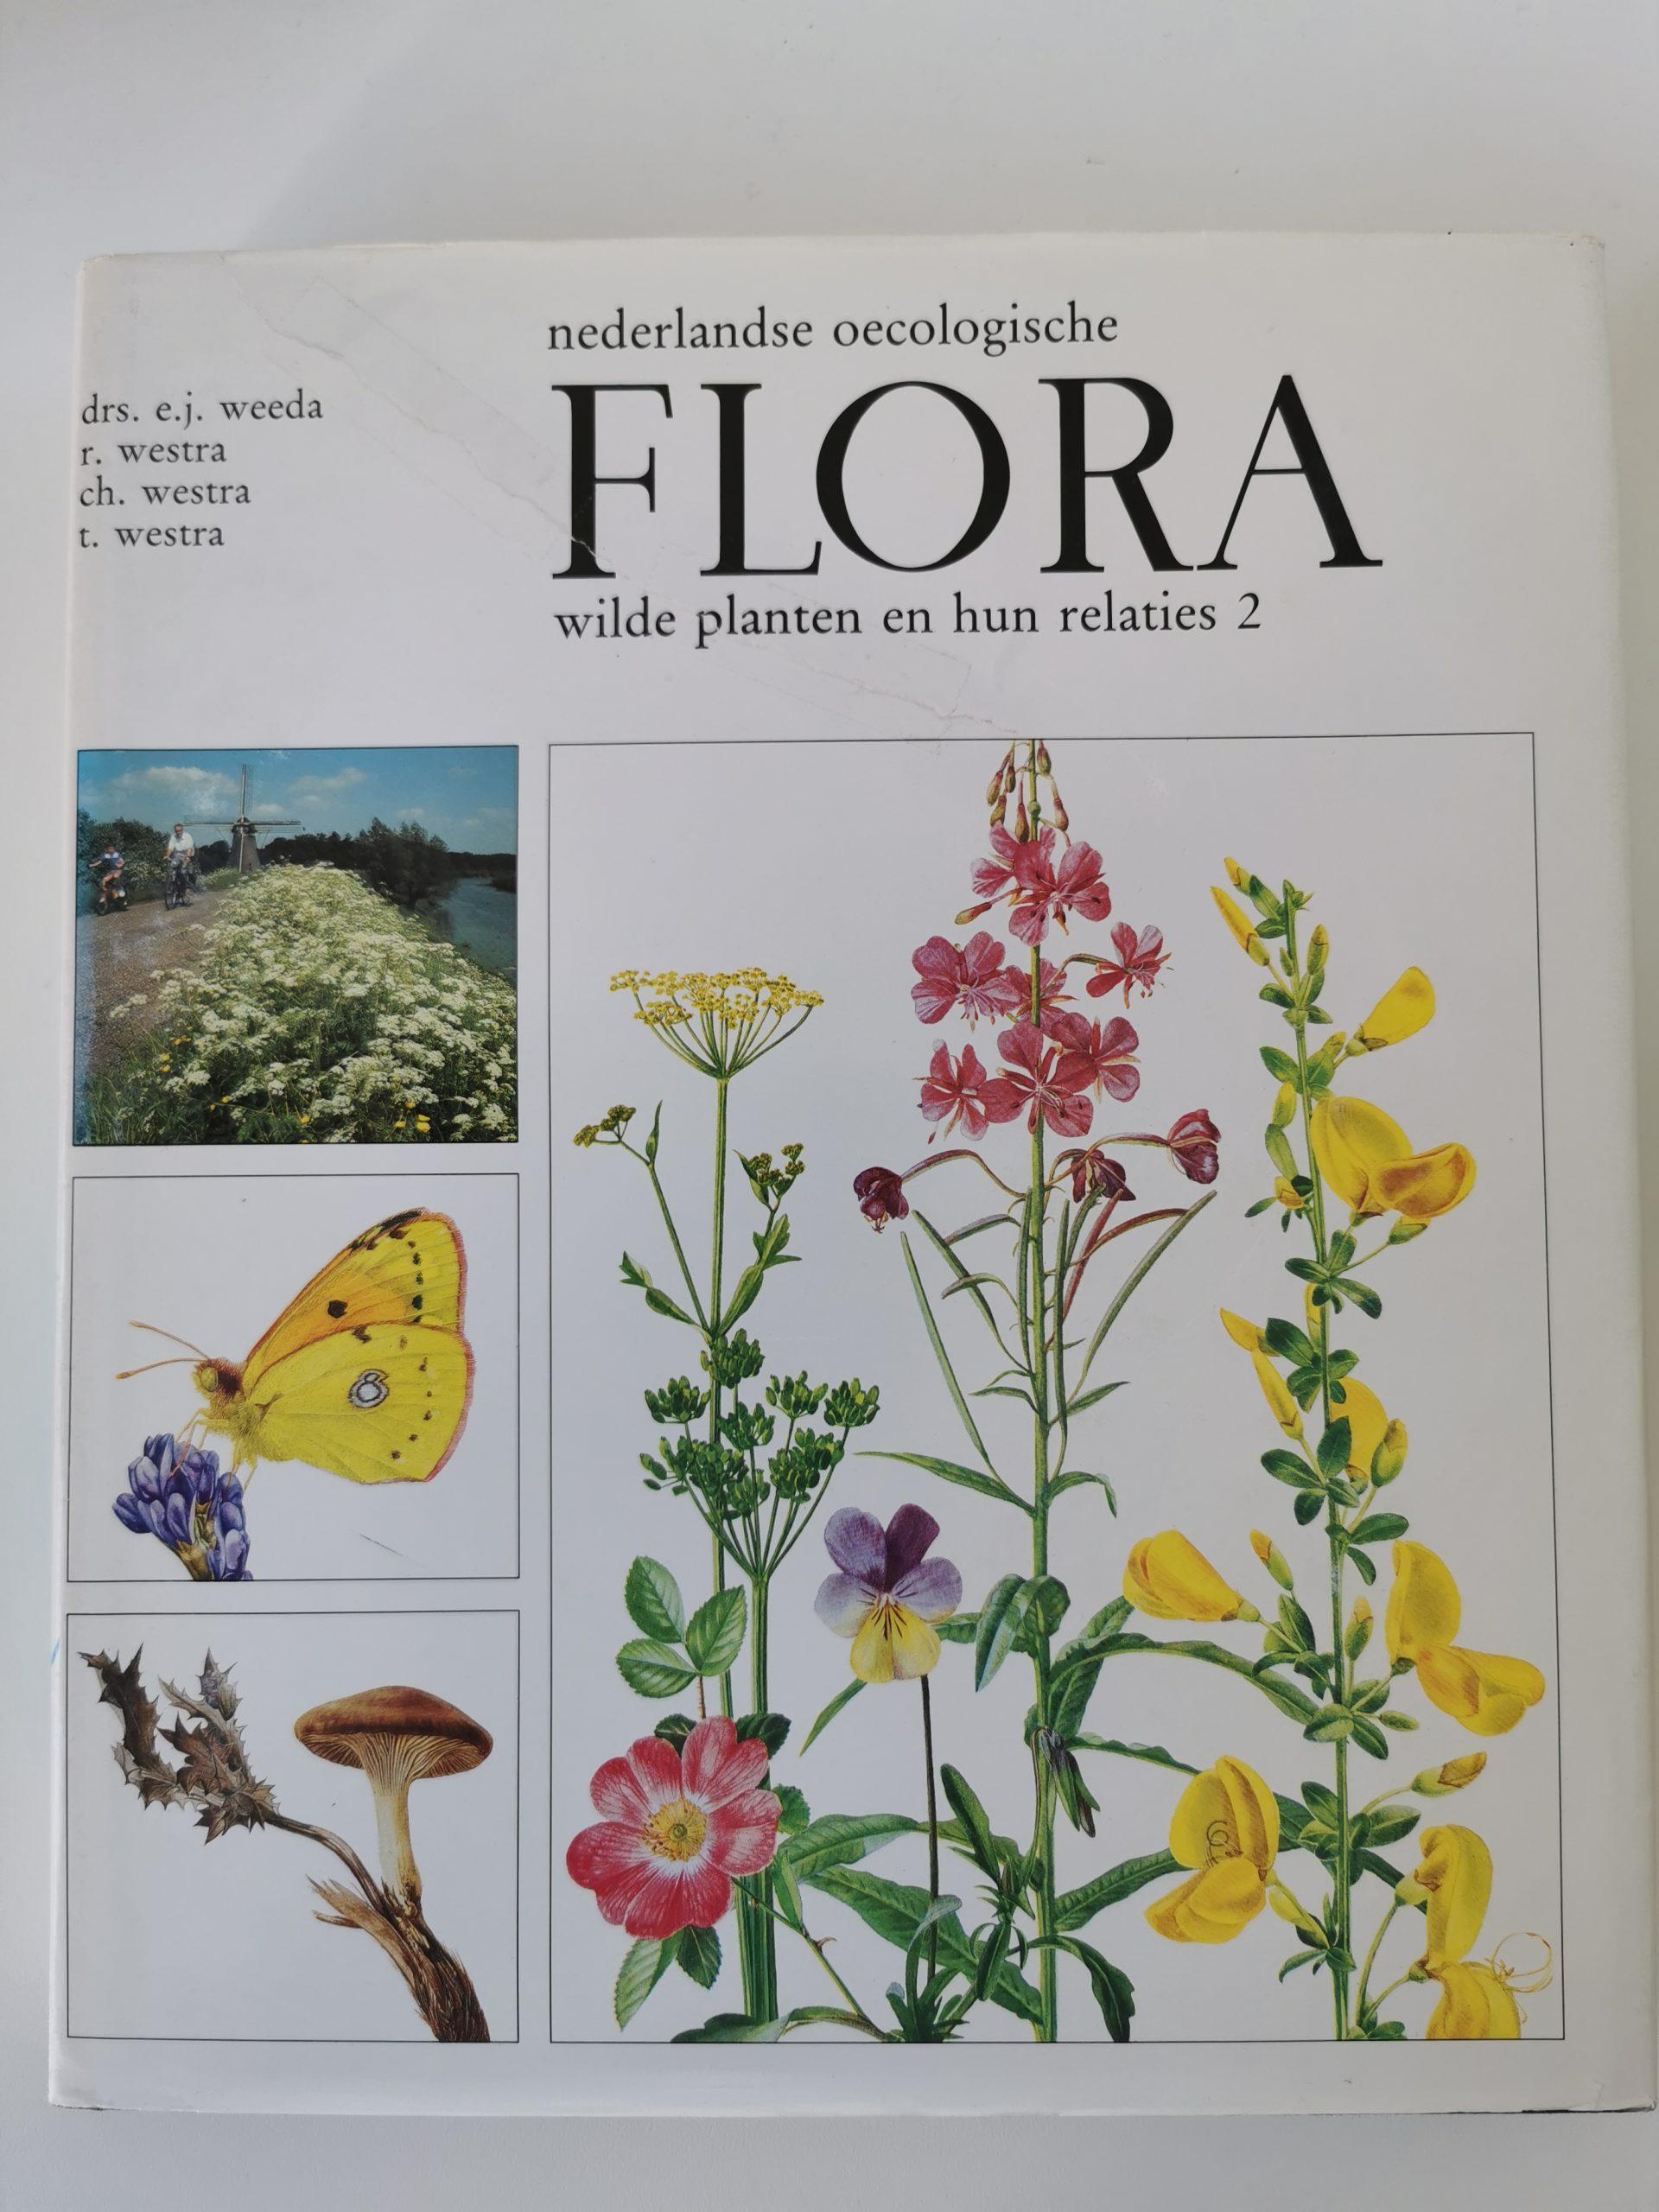 Nederlandse oecologische flora, wilde planten en hun relaties 2